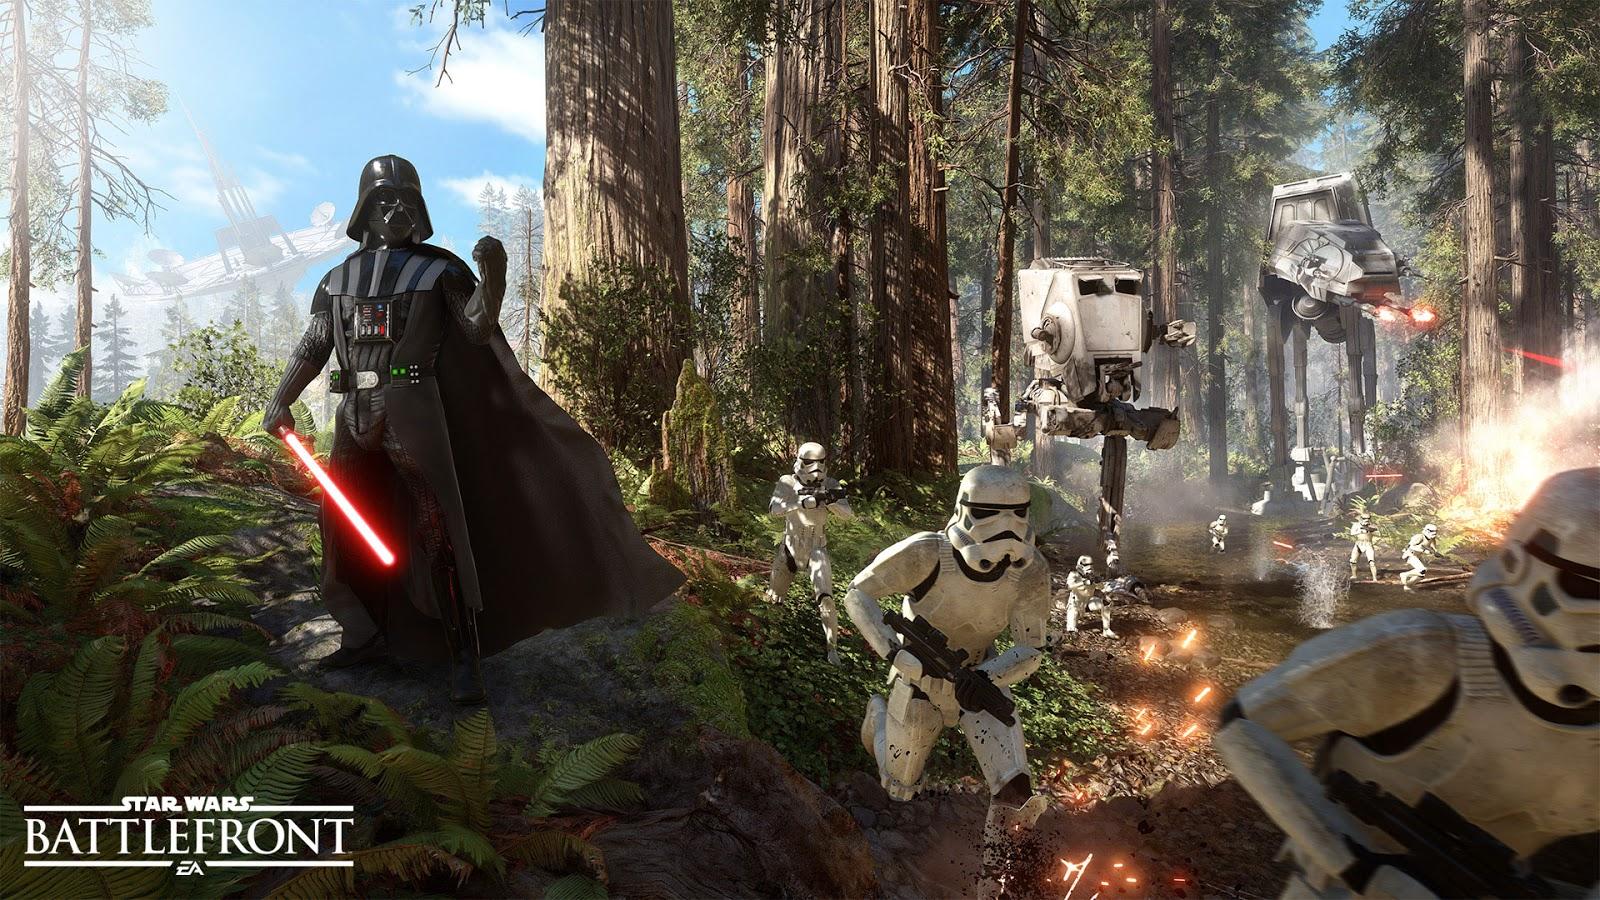 DICE confirma que Star Wars Battlefront terá servidores dedicados